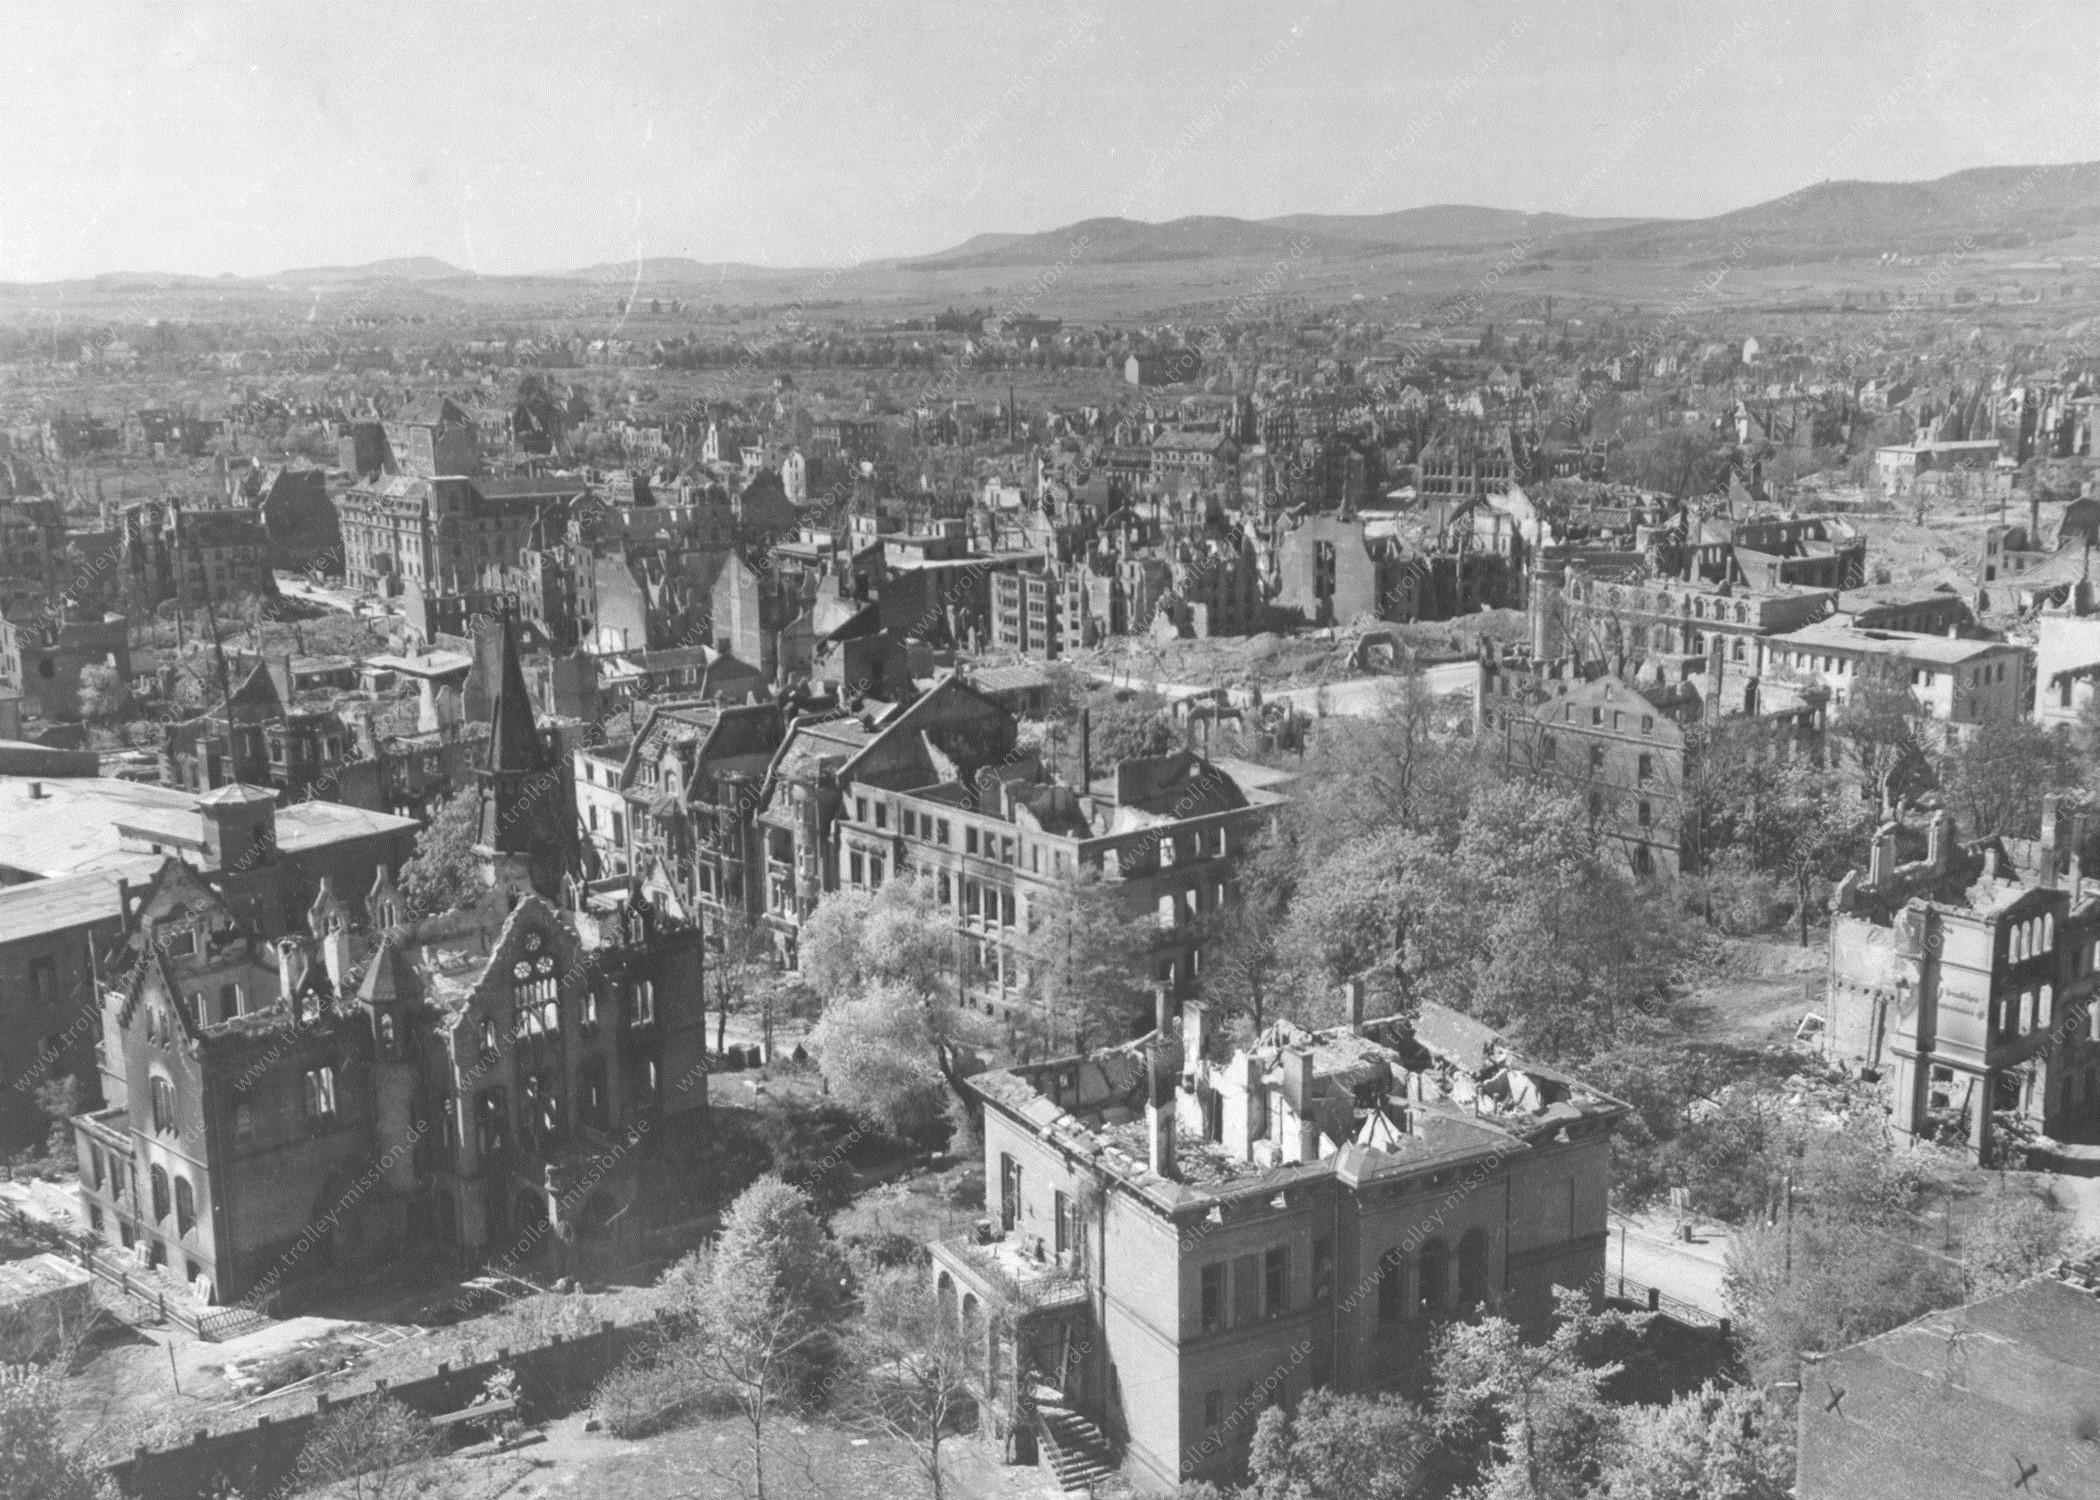 Kassel und seine im Zweiten Weltkrieg zerstörten Luxus-Villen: Glitzerburg und Villa Rothfels an der Karthäuserstraße